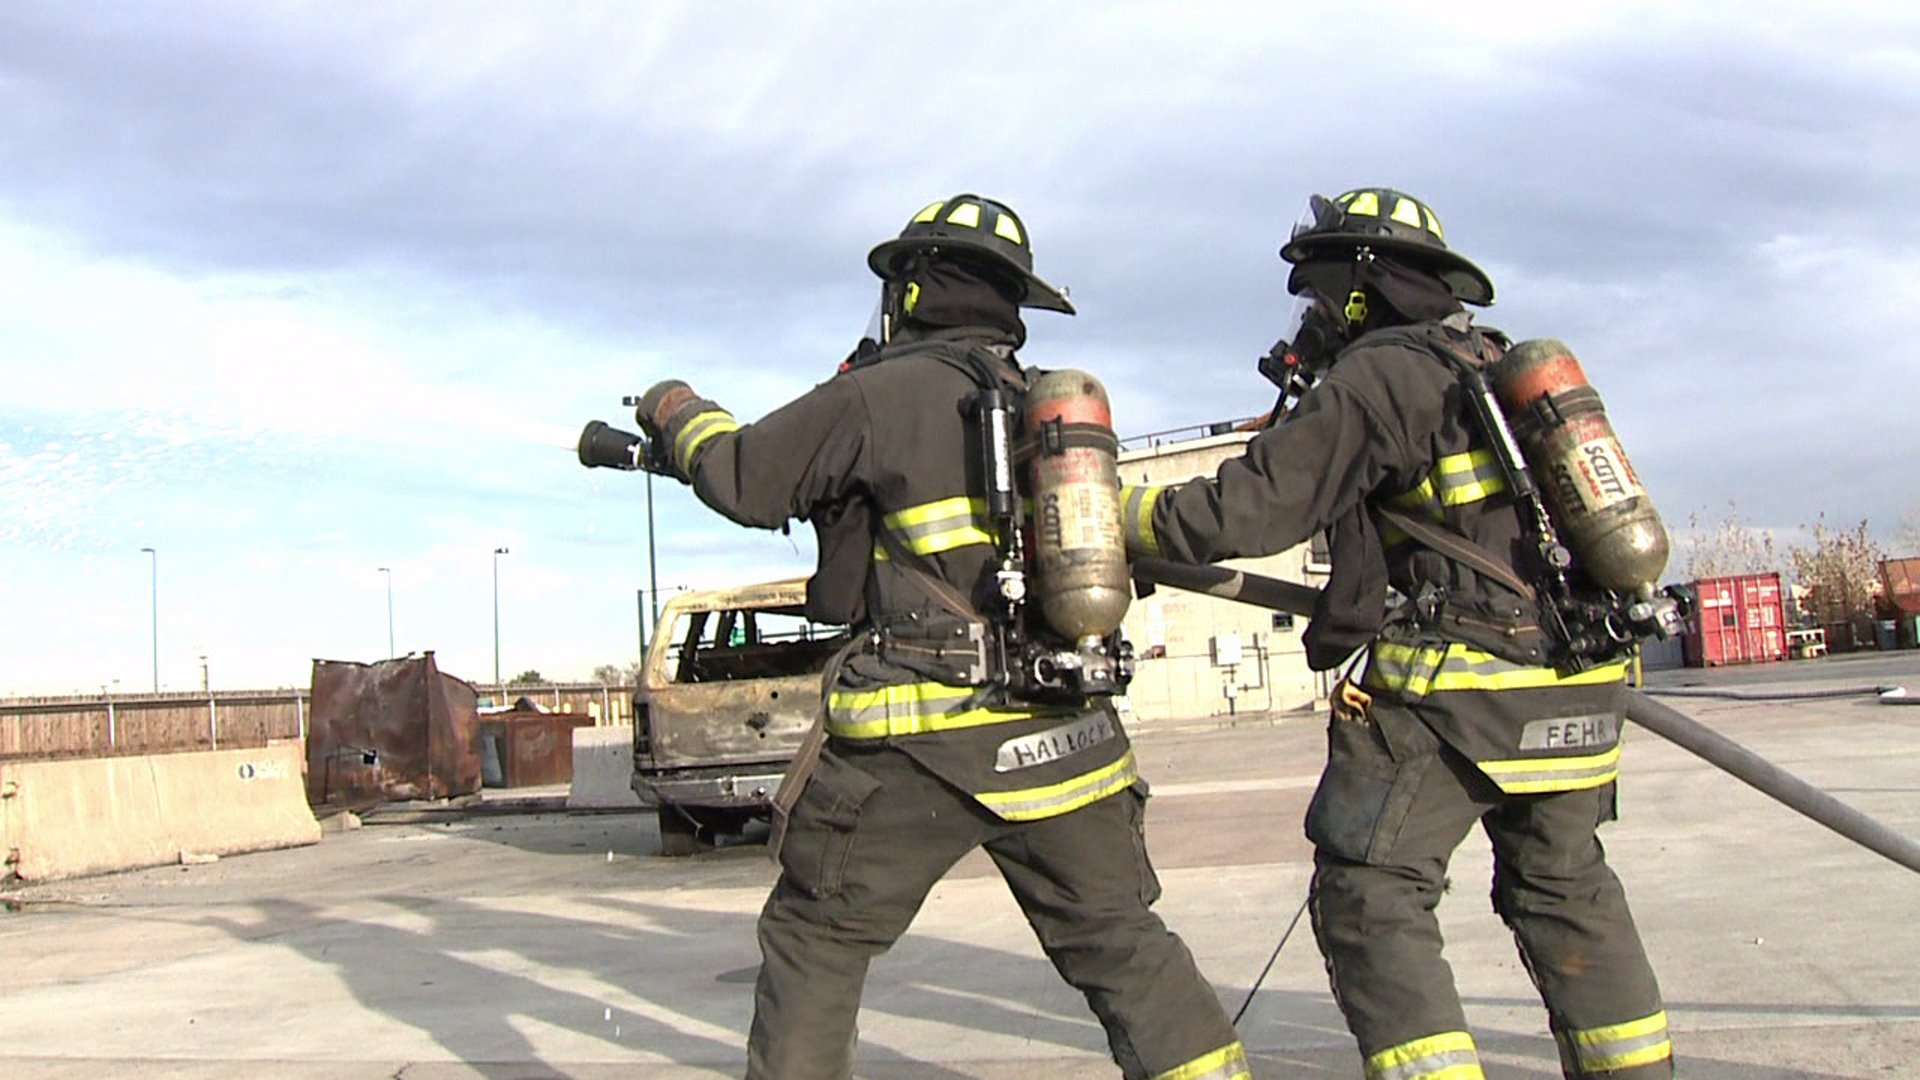 Denver Fire Department recruits